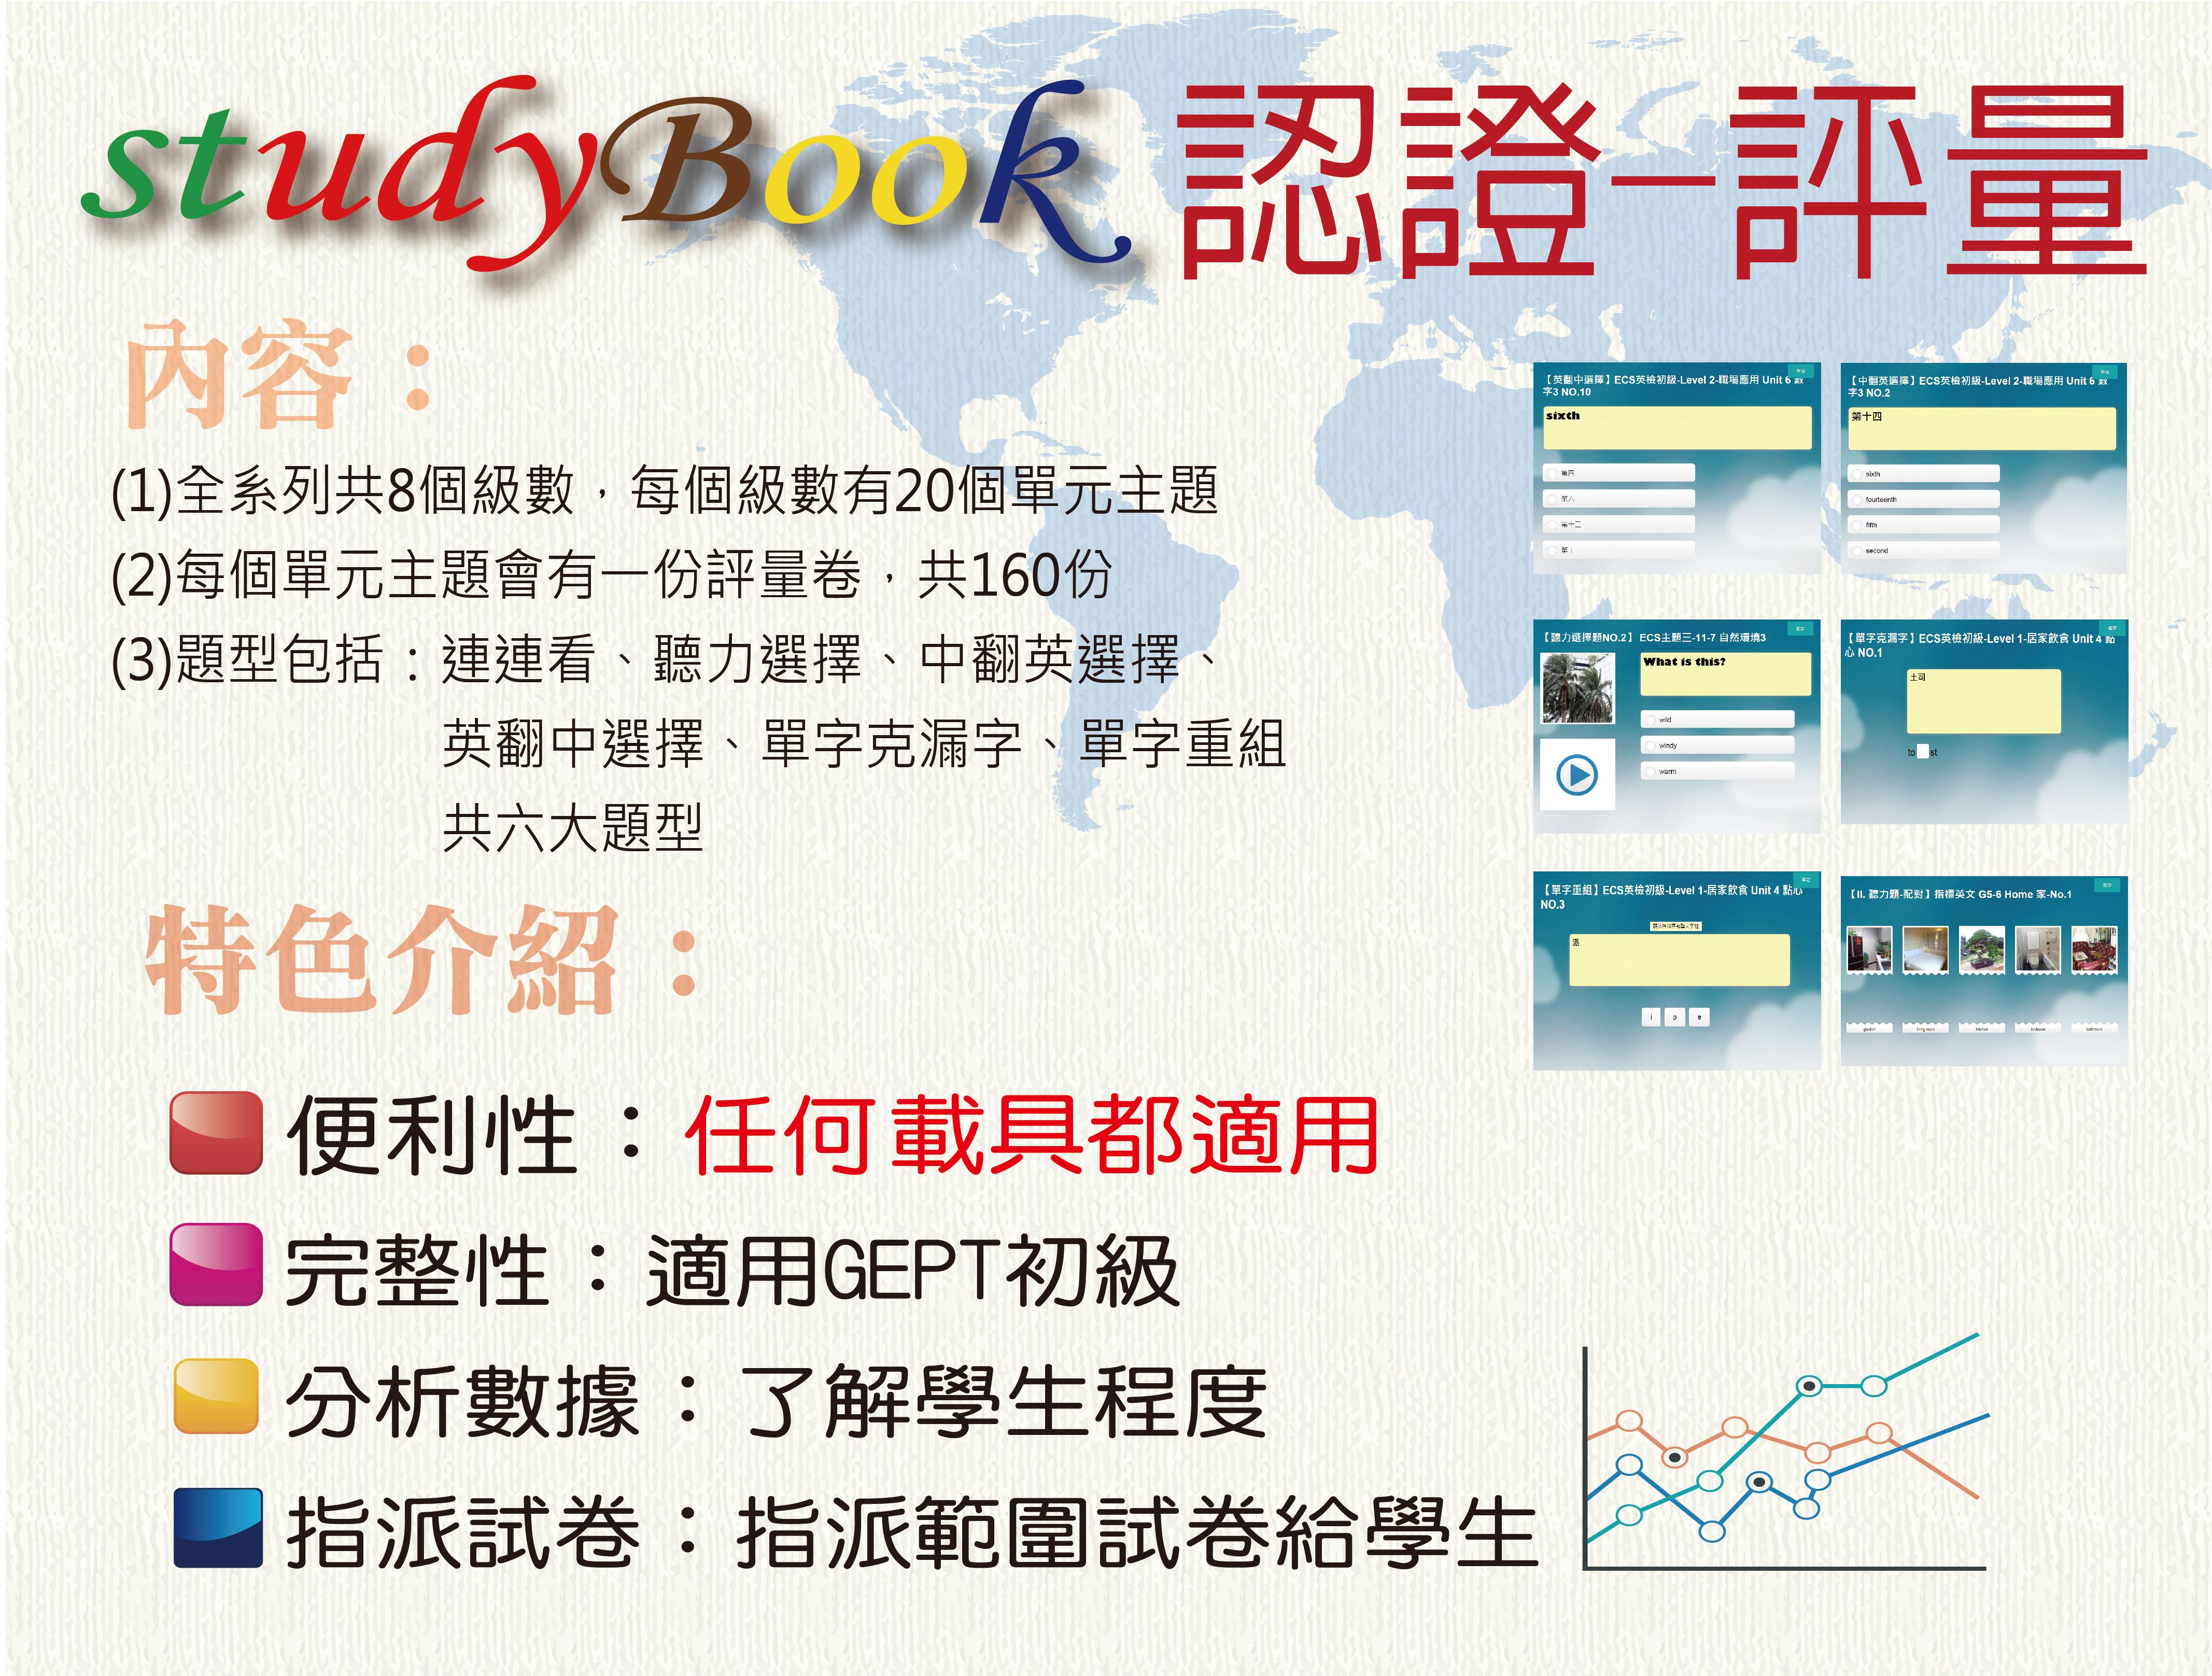 教育局-studybook,認證教材&評量0420-02.jpg